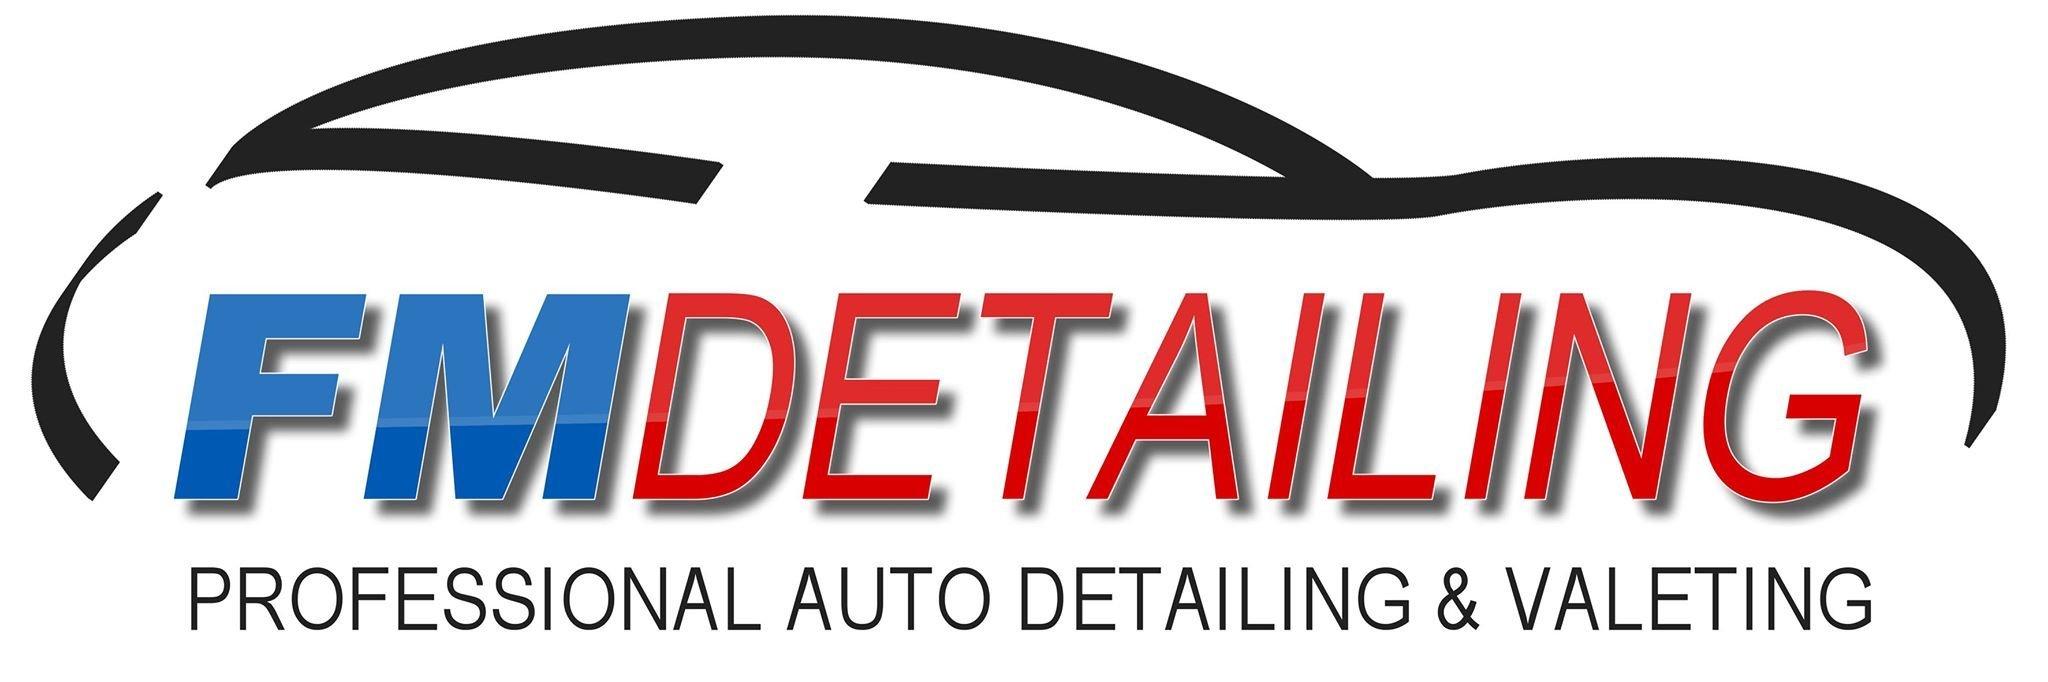 Full size fmdetailing logo.jpg